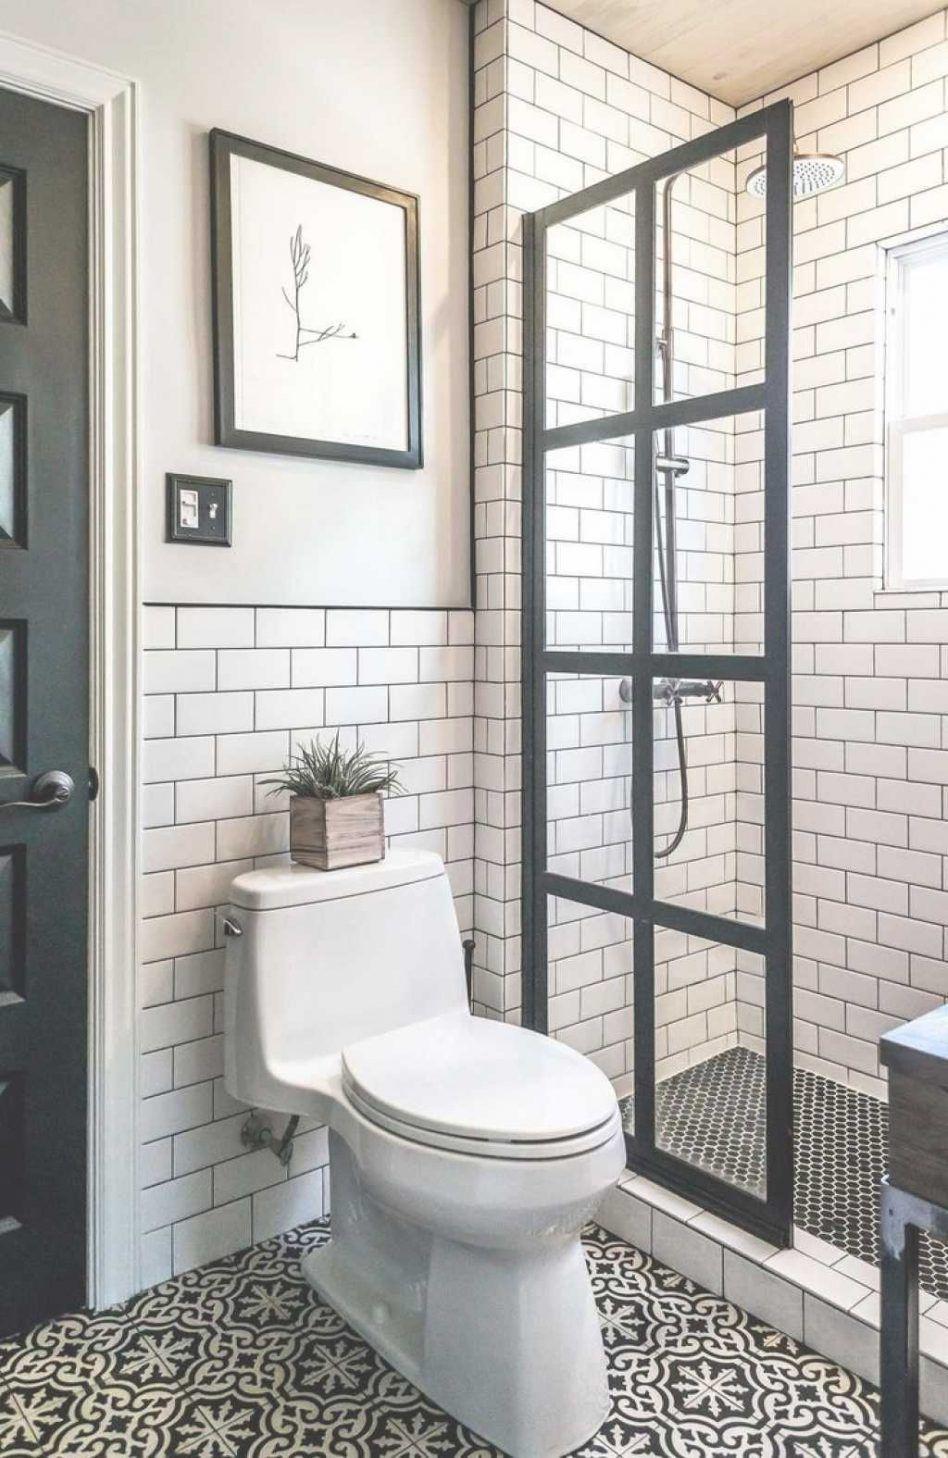 Master Badezimmer Designs Badewanne Kleine Bader Grosses Bad Renovieren Ideen Leuchten Mode Bathroom Remodel Master Small Bathroom Remodel Small Master Bathroom